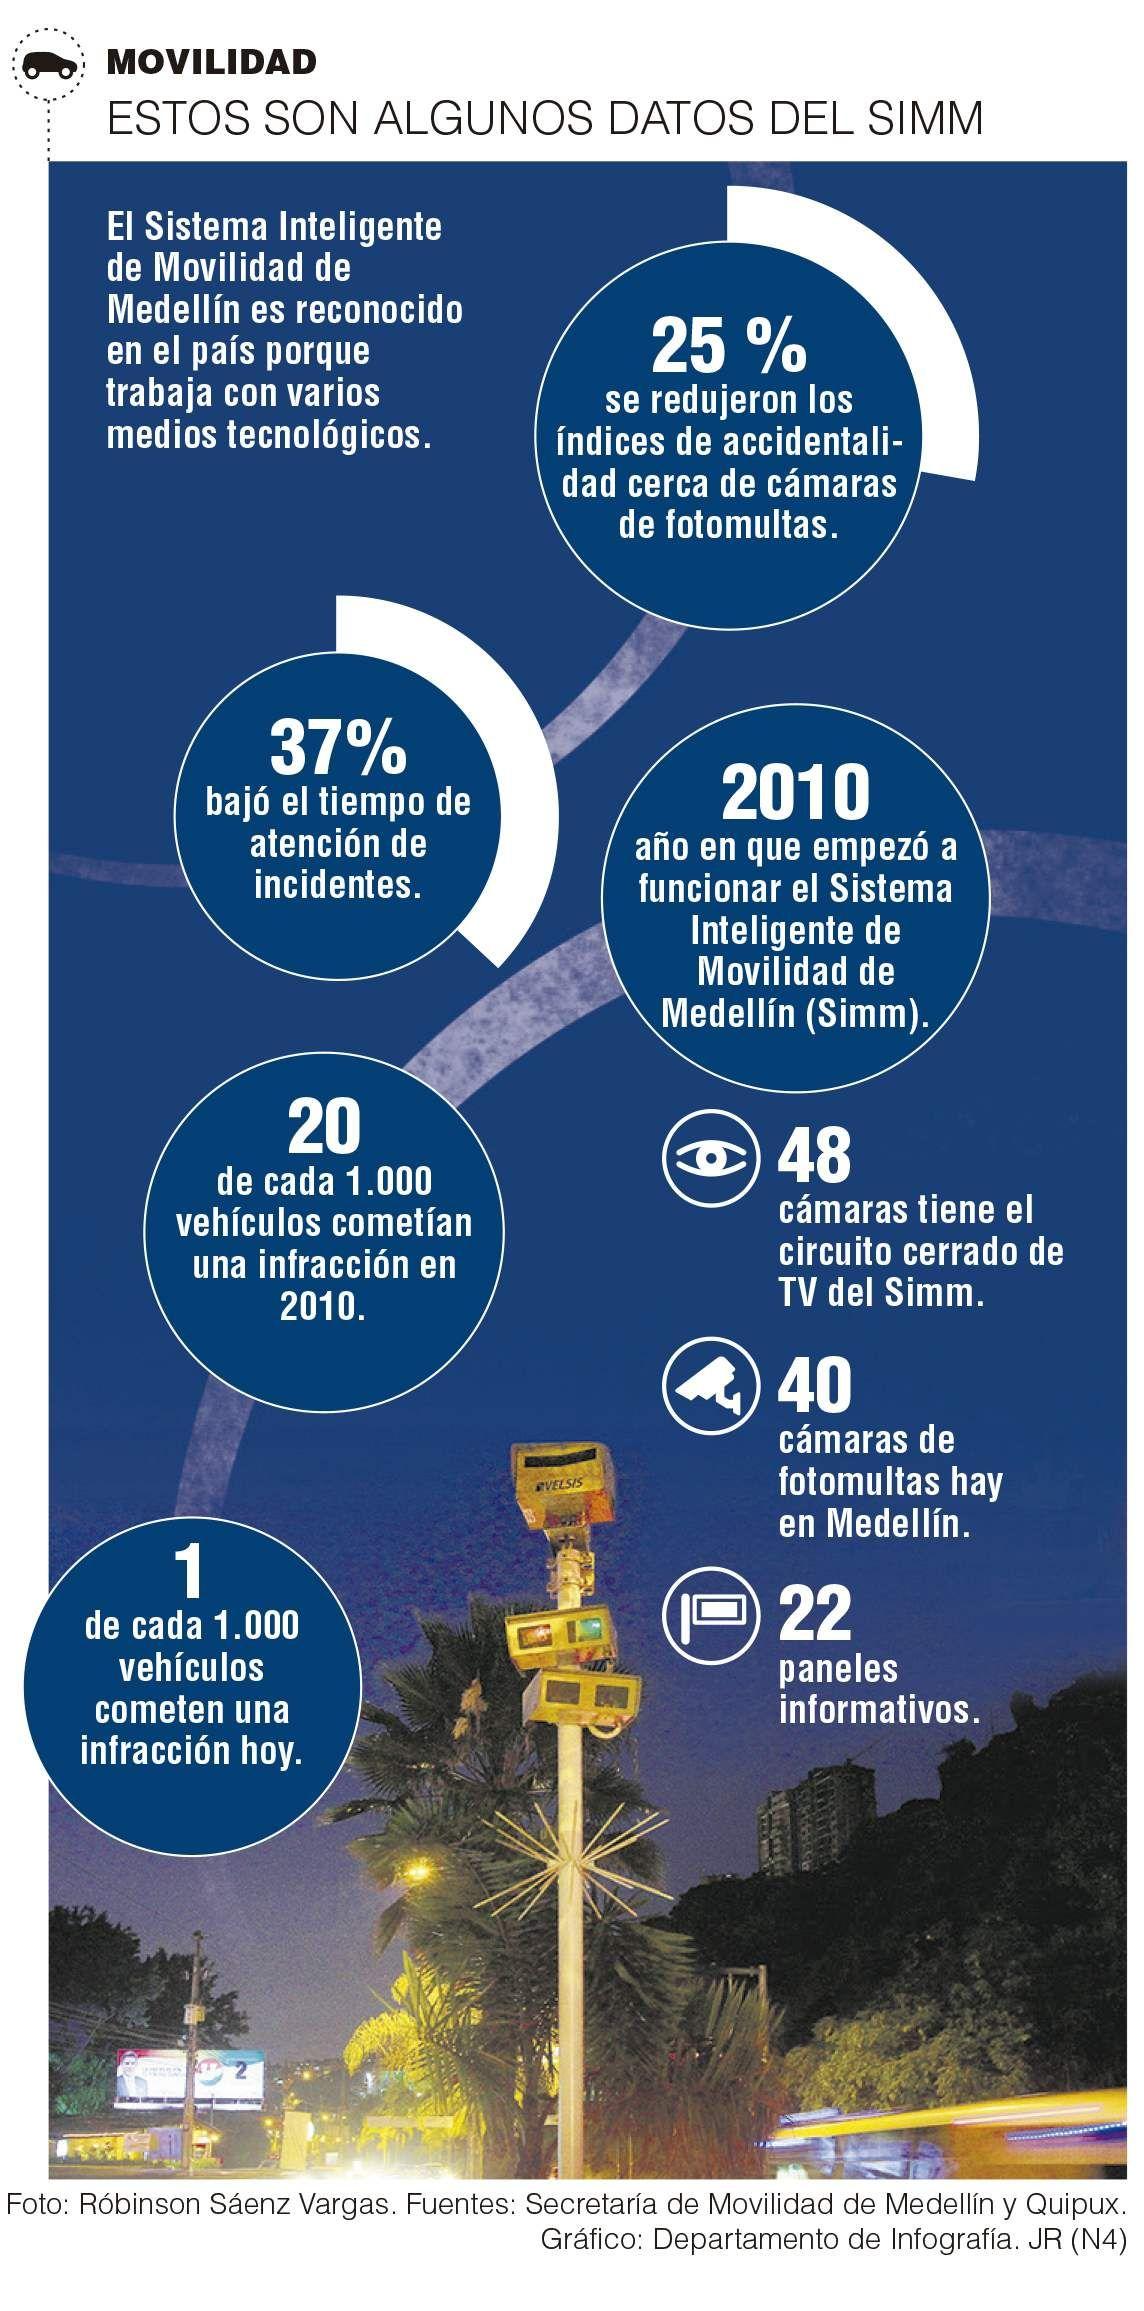 Infracciones hoy en Medellín son de 1 por cada mil carros